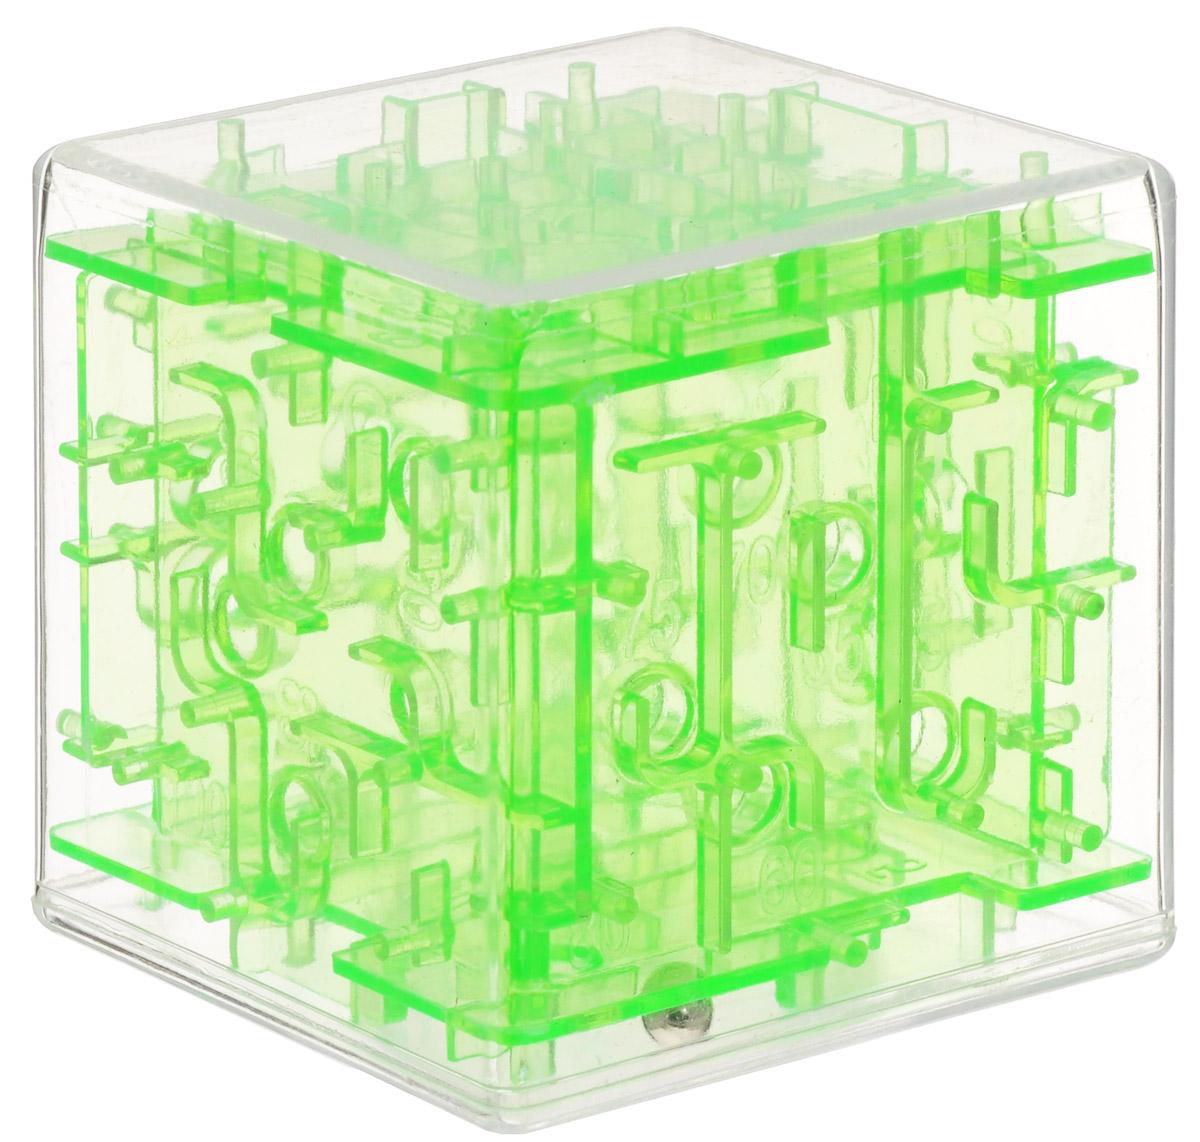 Эврика Головоломка-лабиринт Куб цвет зеленый головоломка эврика лабиринт сфера red 98723